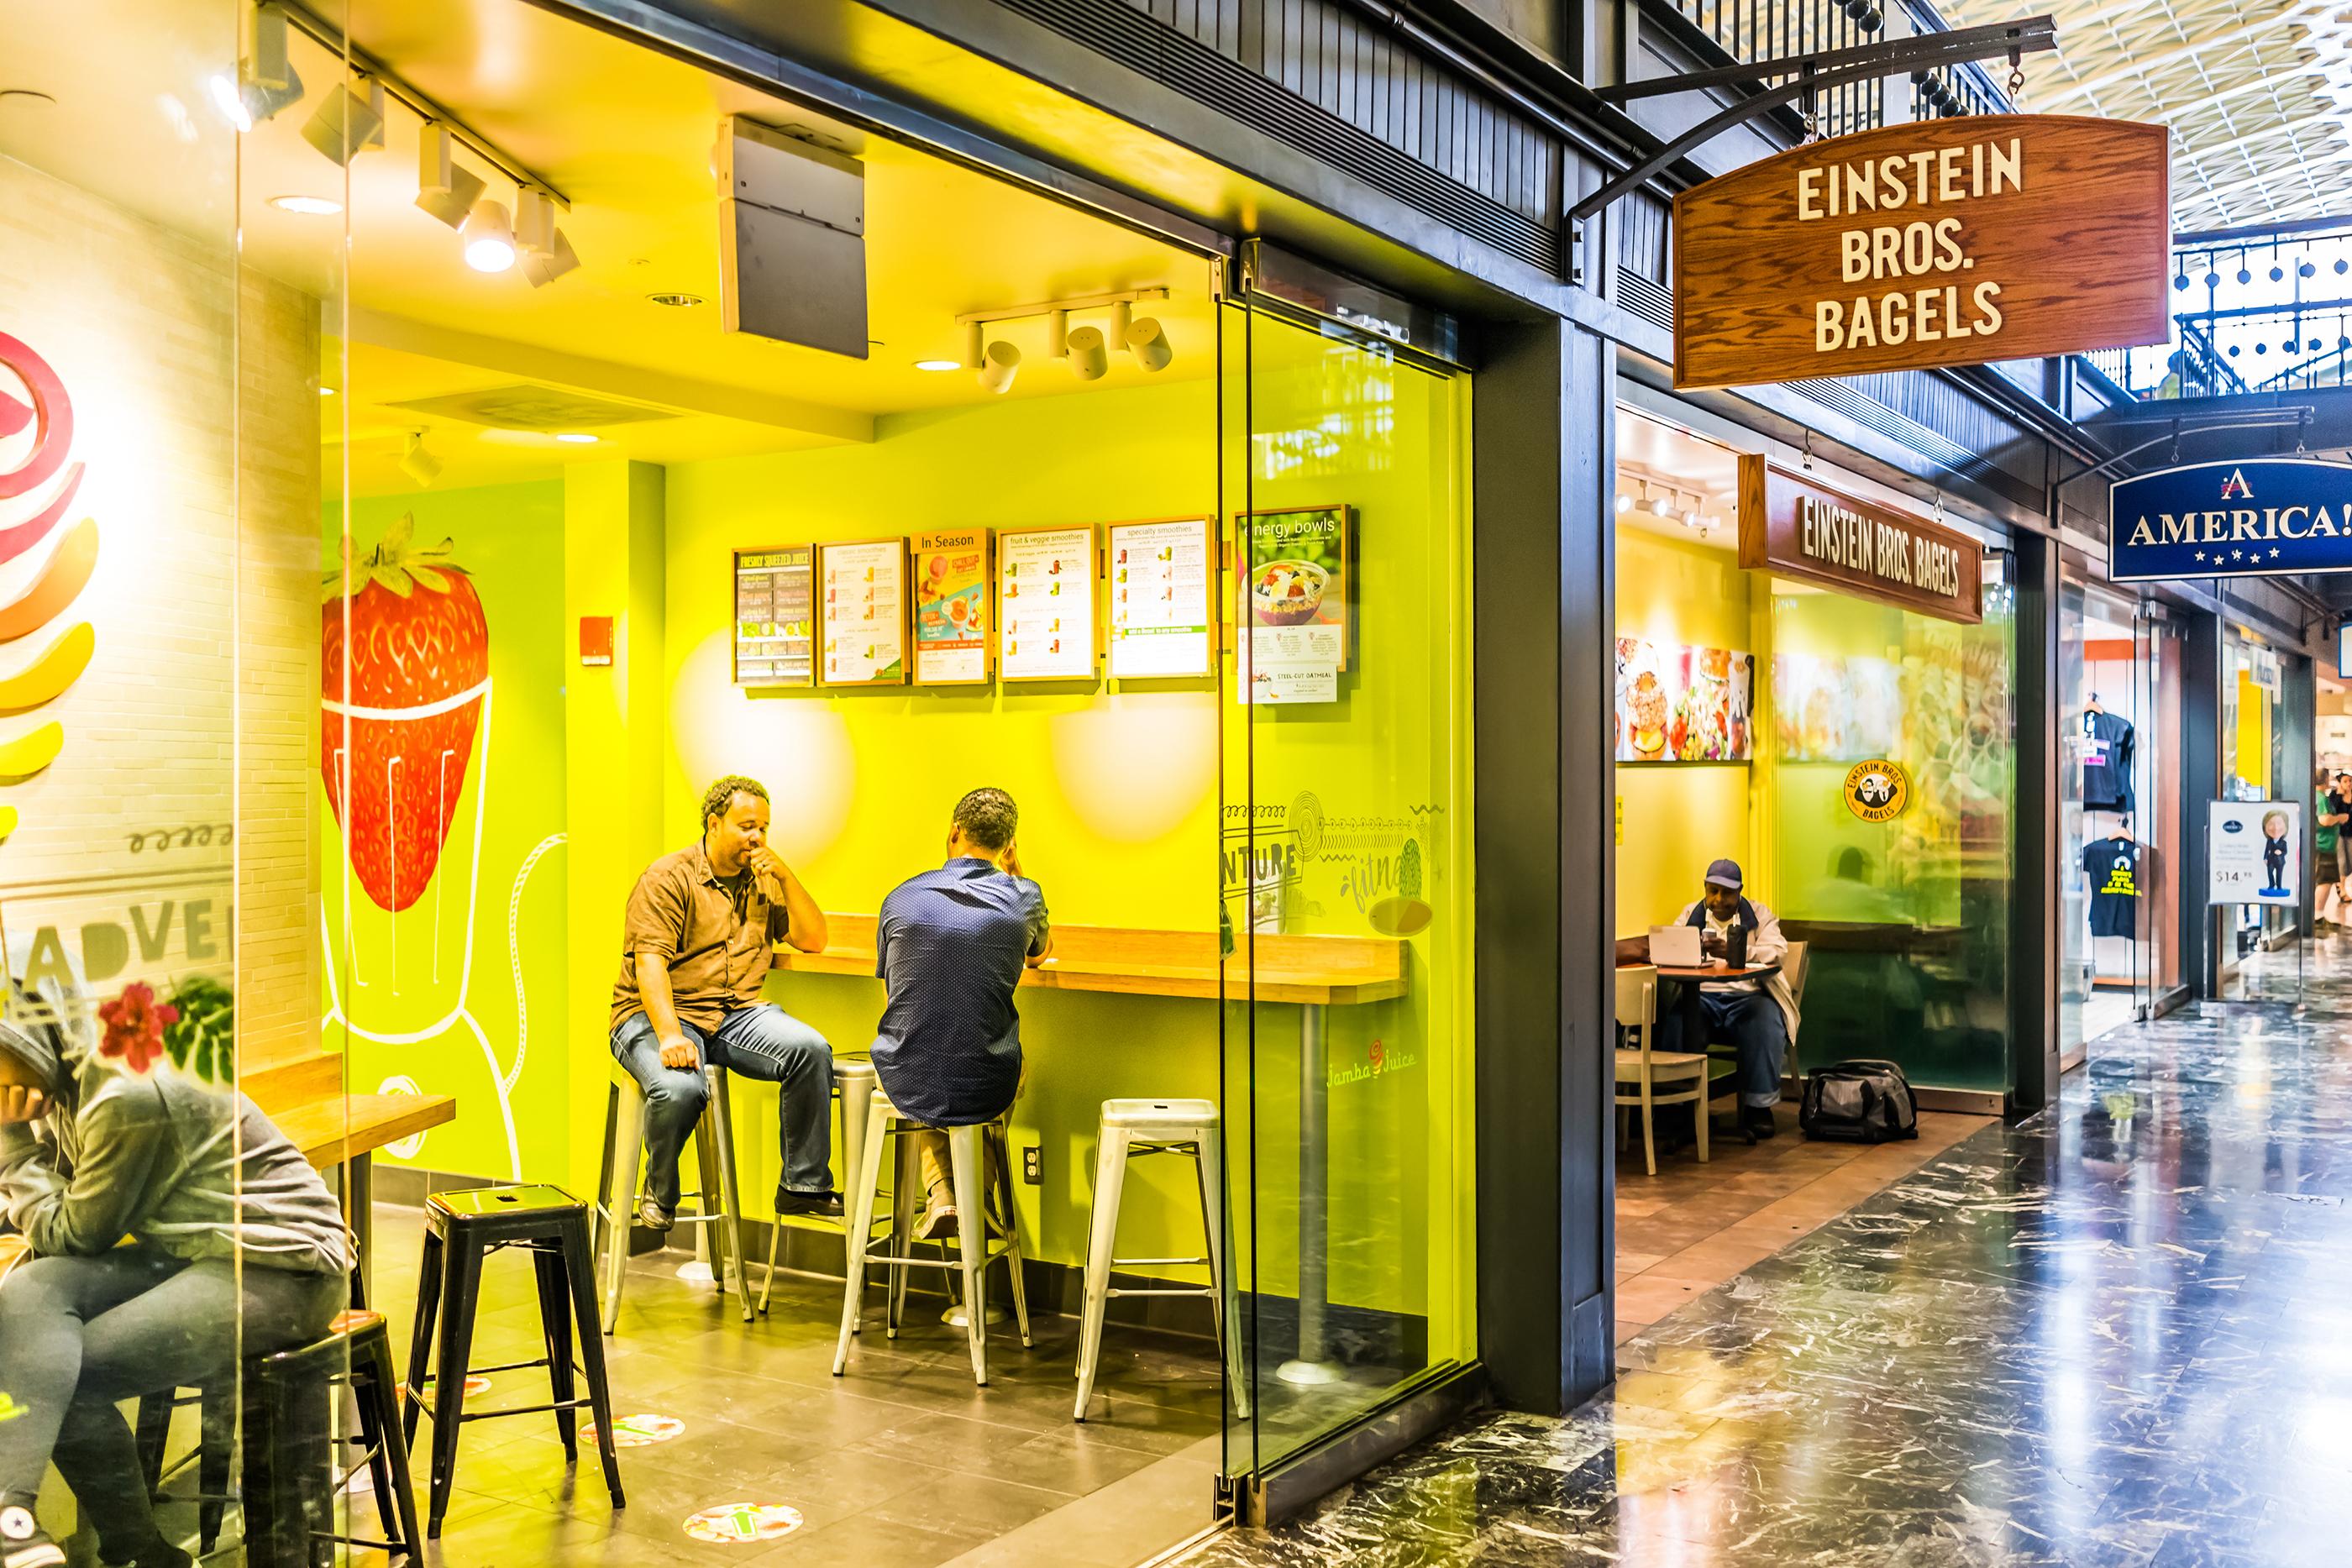 180430-fast-casual-restaurants-einsteins